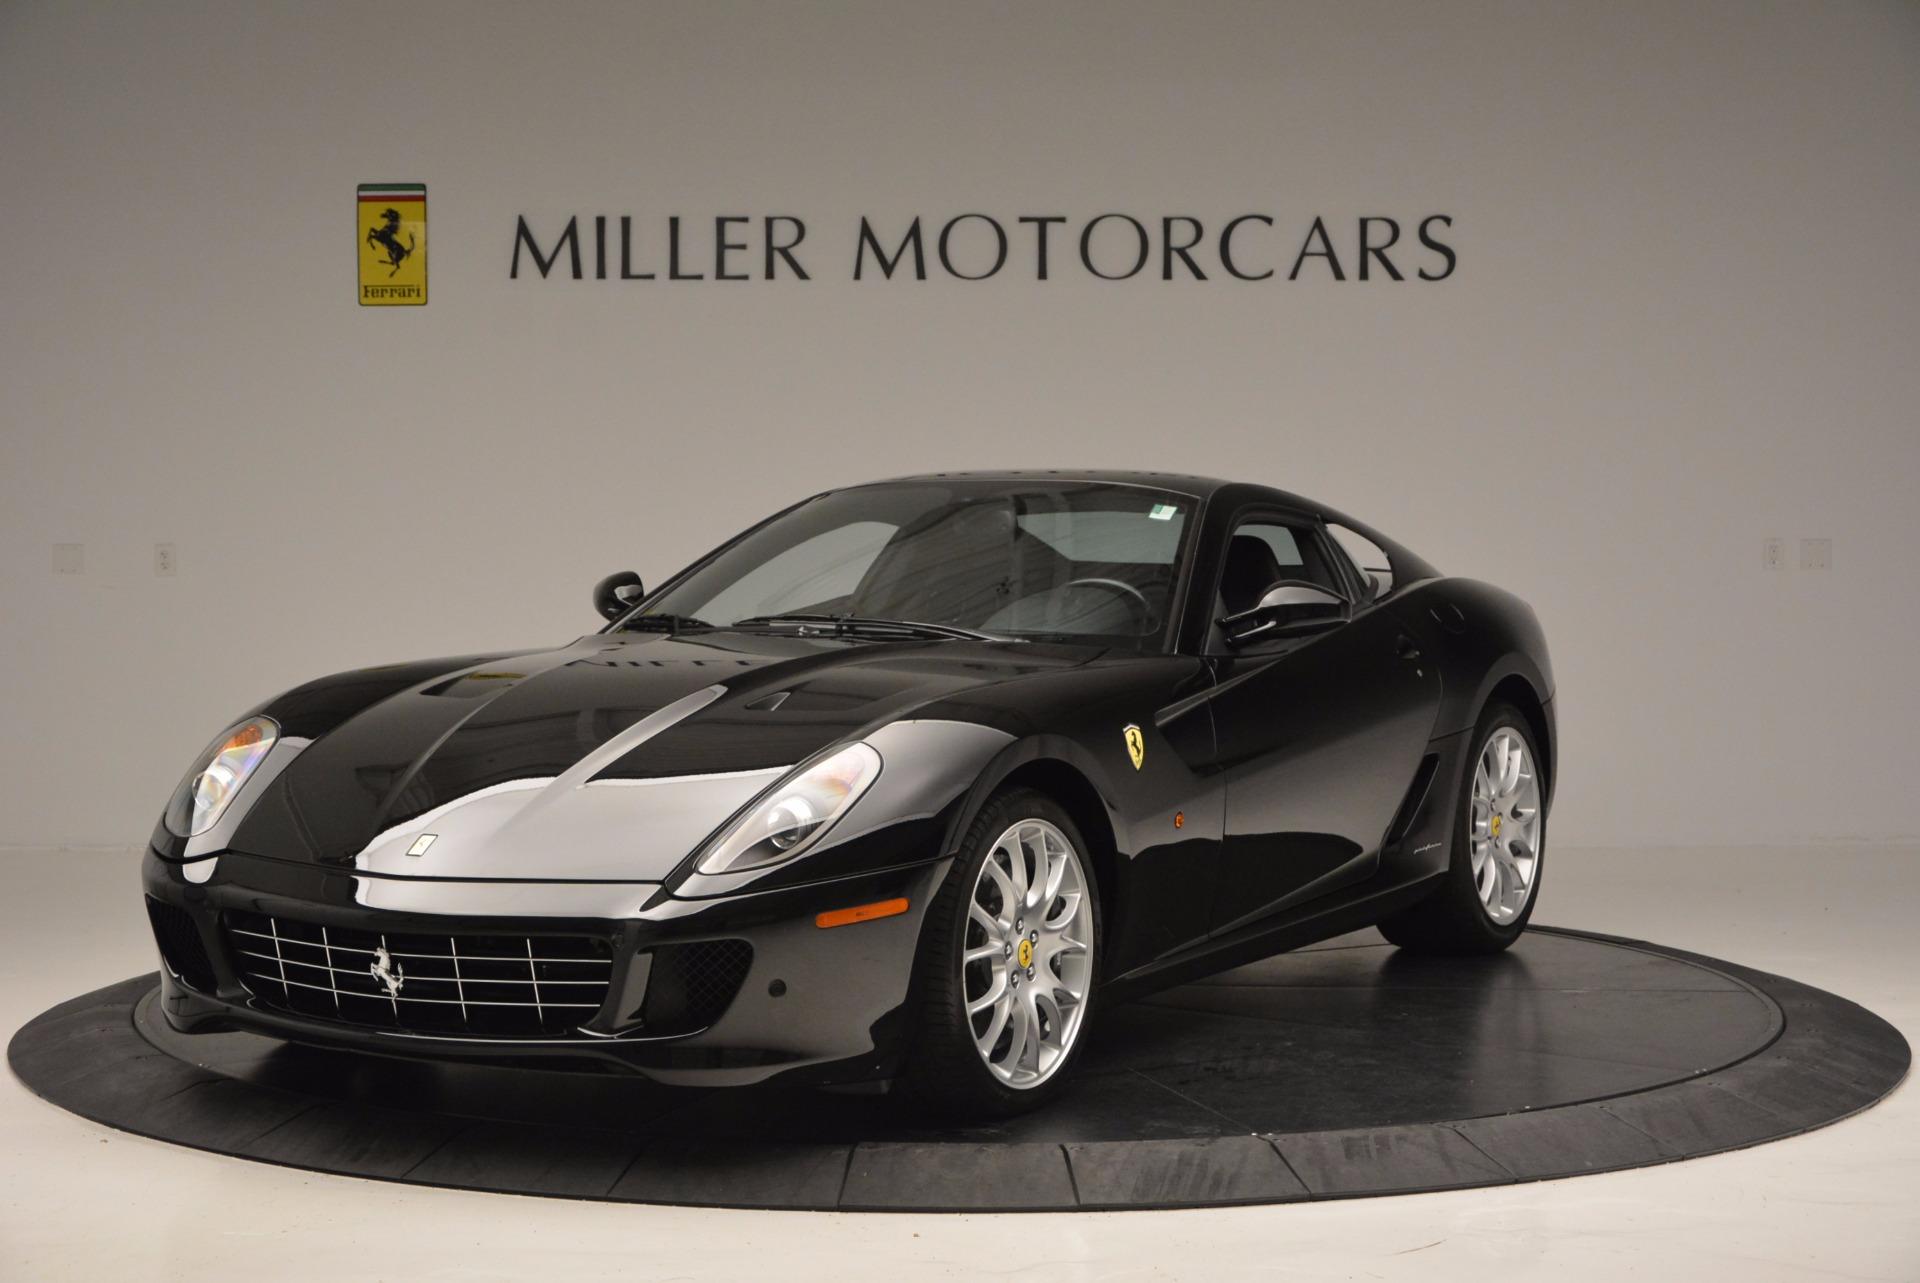 Used 2008 Ferrari 599 GTB Fiorano for sale Sold at Aston Martin of Greenwich in Greenwich CT 06830 1